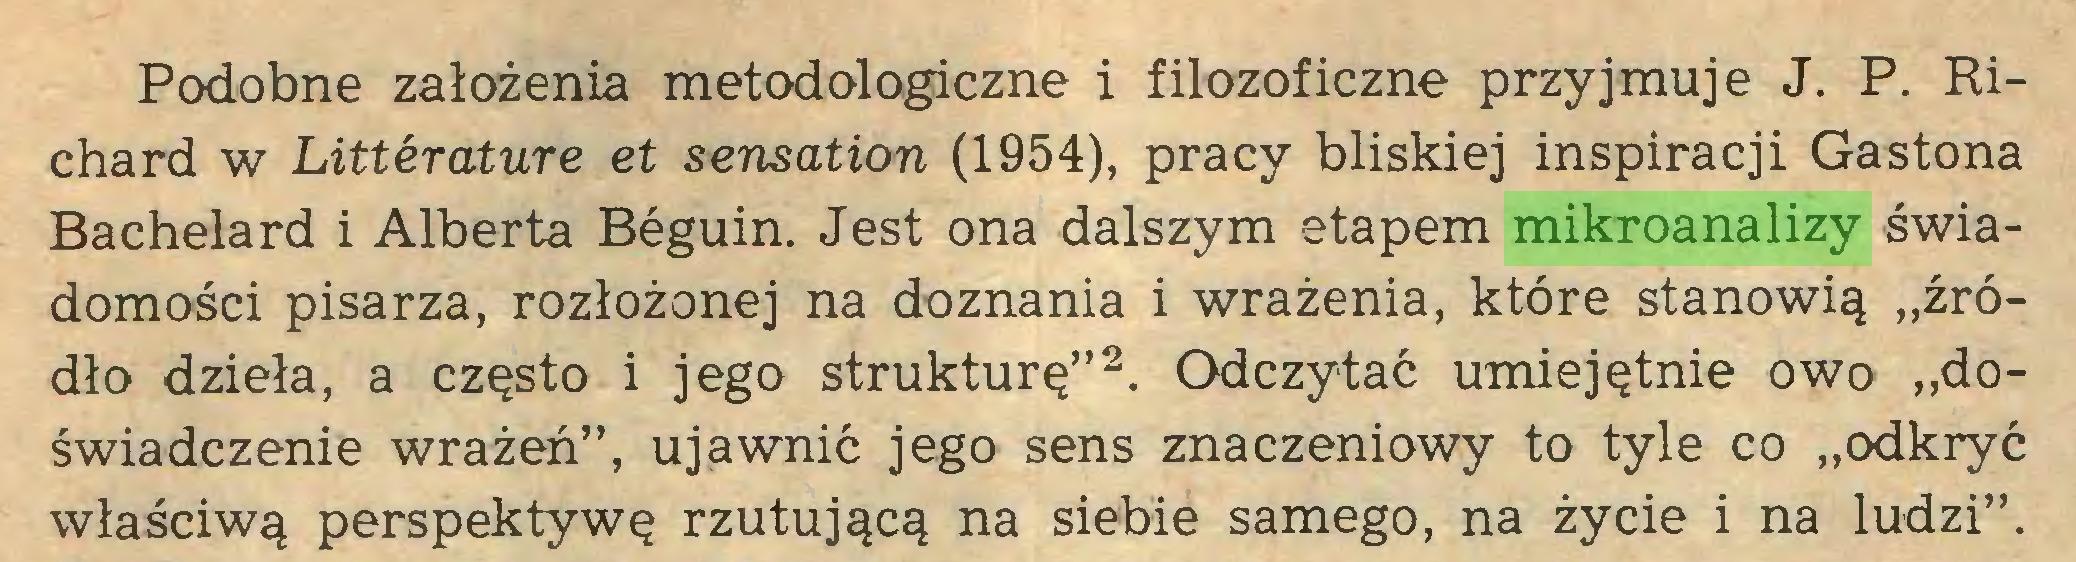 """(...) Podobne założenia metodologiczne i filozoficzne przyjmuje J. P. Richard w Littérature et sensation (1954), pracy bliskiej inspiracji Gastona Bachelard i Alberta Béguin. Jest ona dalszym etapem mikroanalizy świadomości pisarza, rozłożonej na doznania i wrażenia, które stanowią """"źródło dzieła, a często i jego strukturę""""2. Odczytać umiejętnie owo """"doświadczenie wrażeń"""", ujawnić jego sens znaczeniowy to tyle co """"odkryć właściwą perspektywę rzutującą na siebie samego, na życie i na ludzi""""..."""